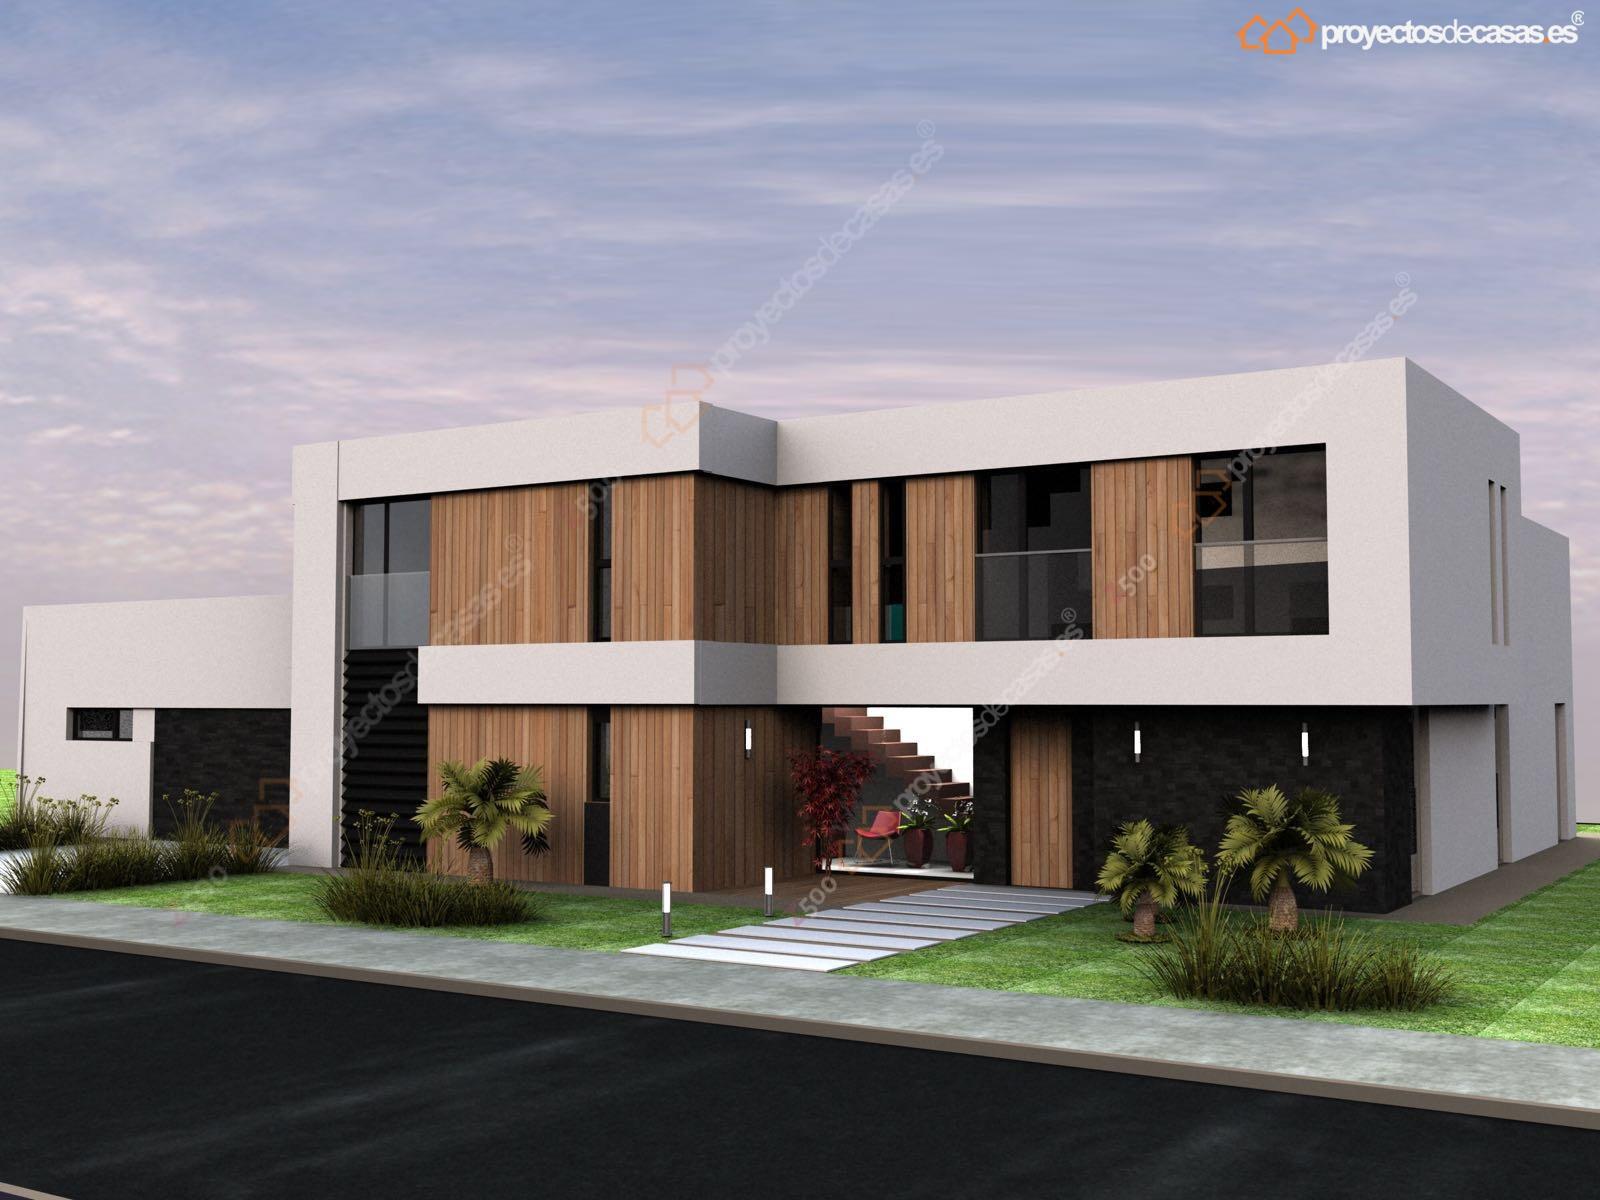 Proyectos de casas dise o y construcci n de casas - Proyectos casas unifamiliares ...